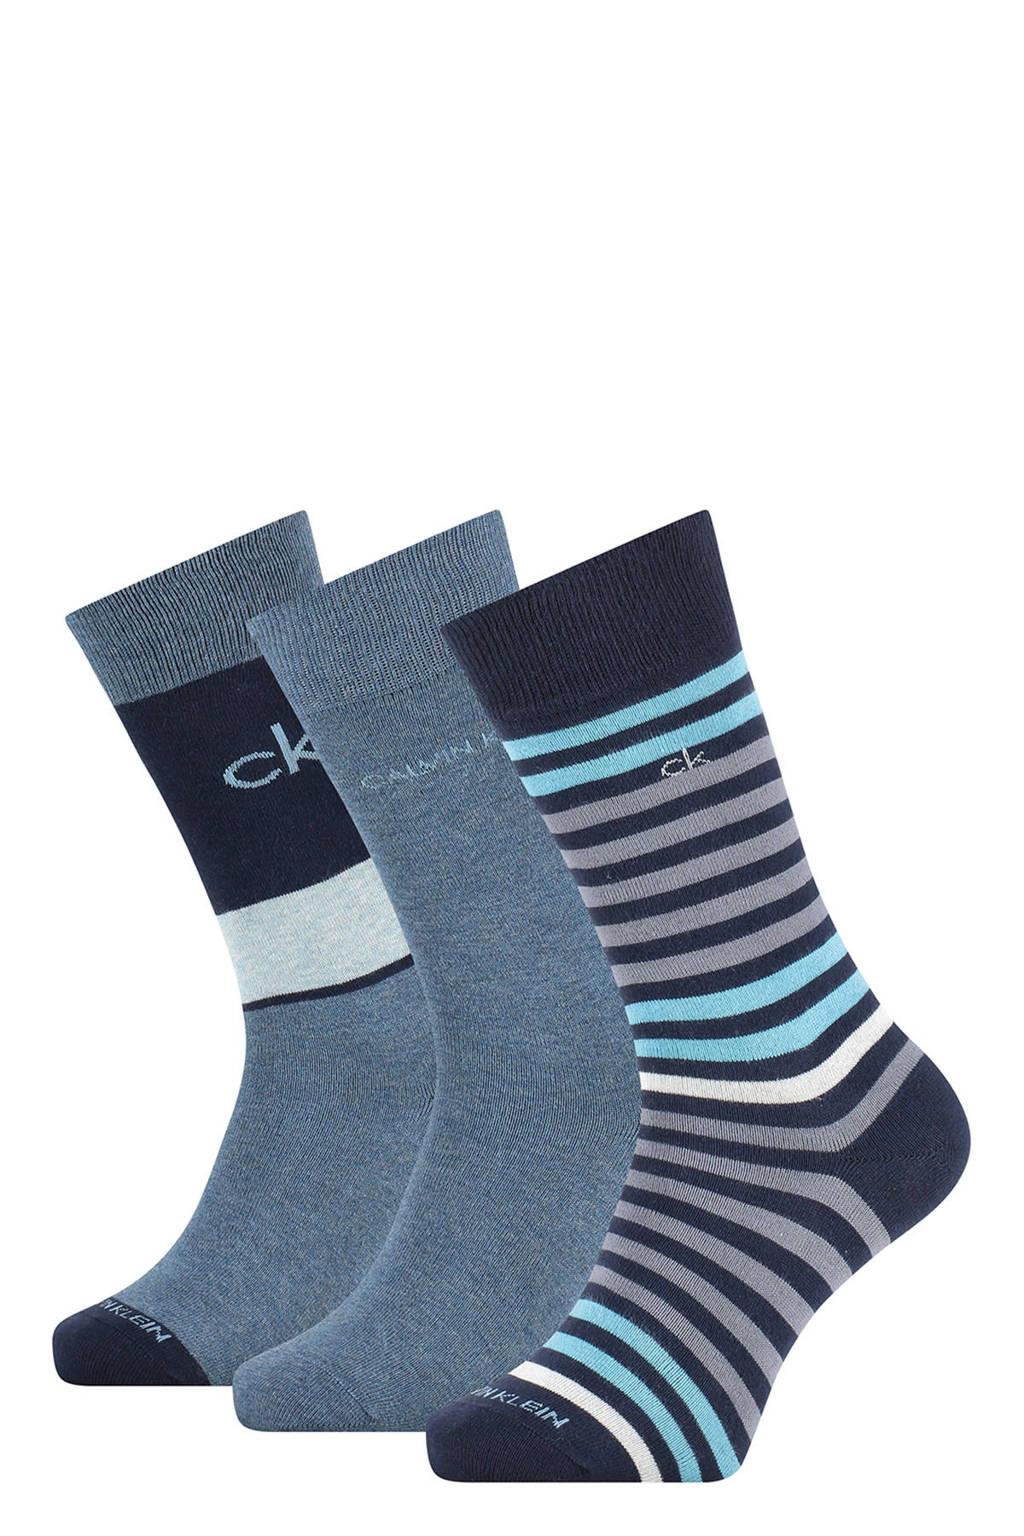 CALVIN KLEIN sokken - set van 3 donkerblauw, Donkerblauw